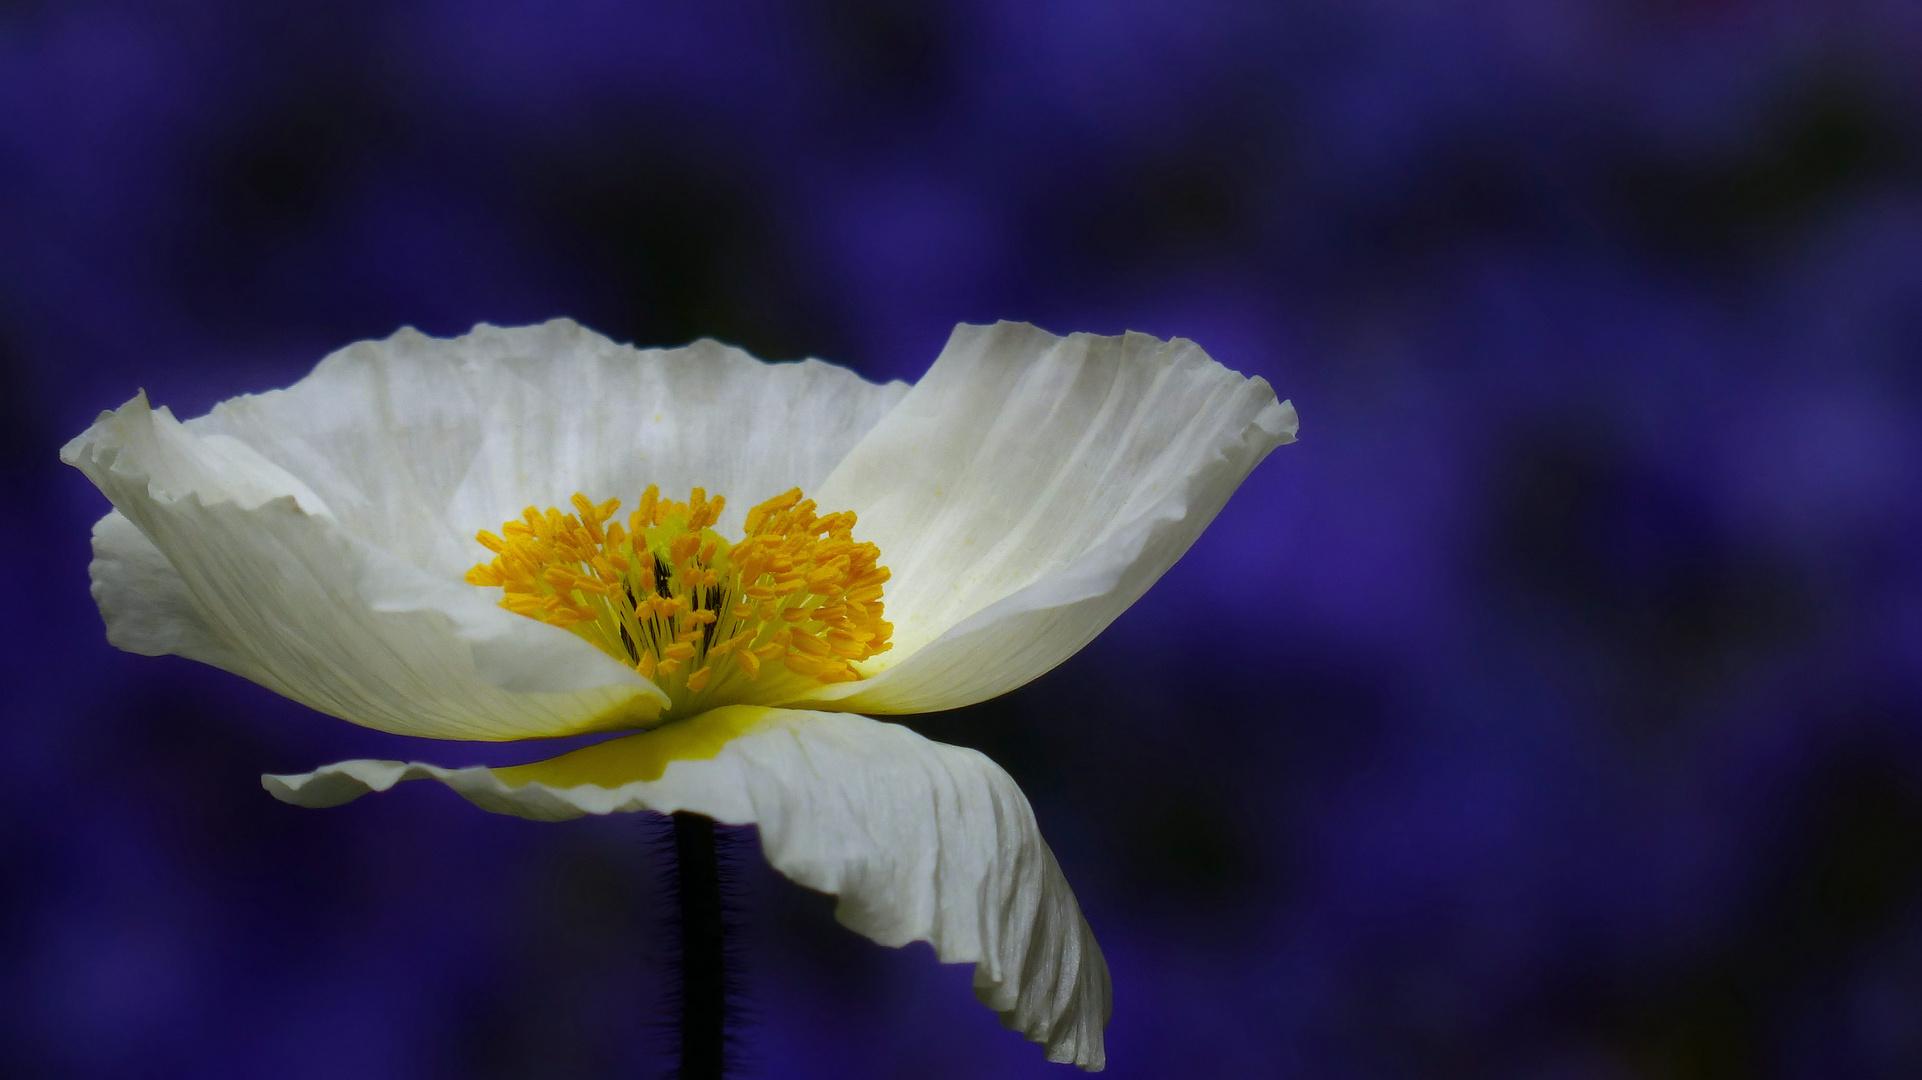 ... blossom